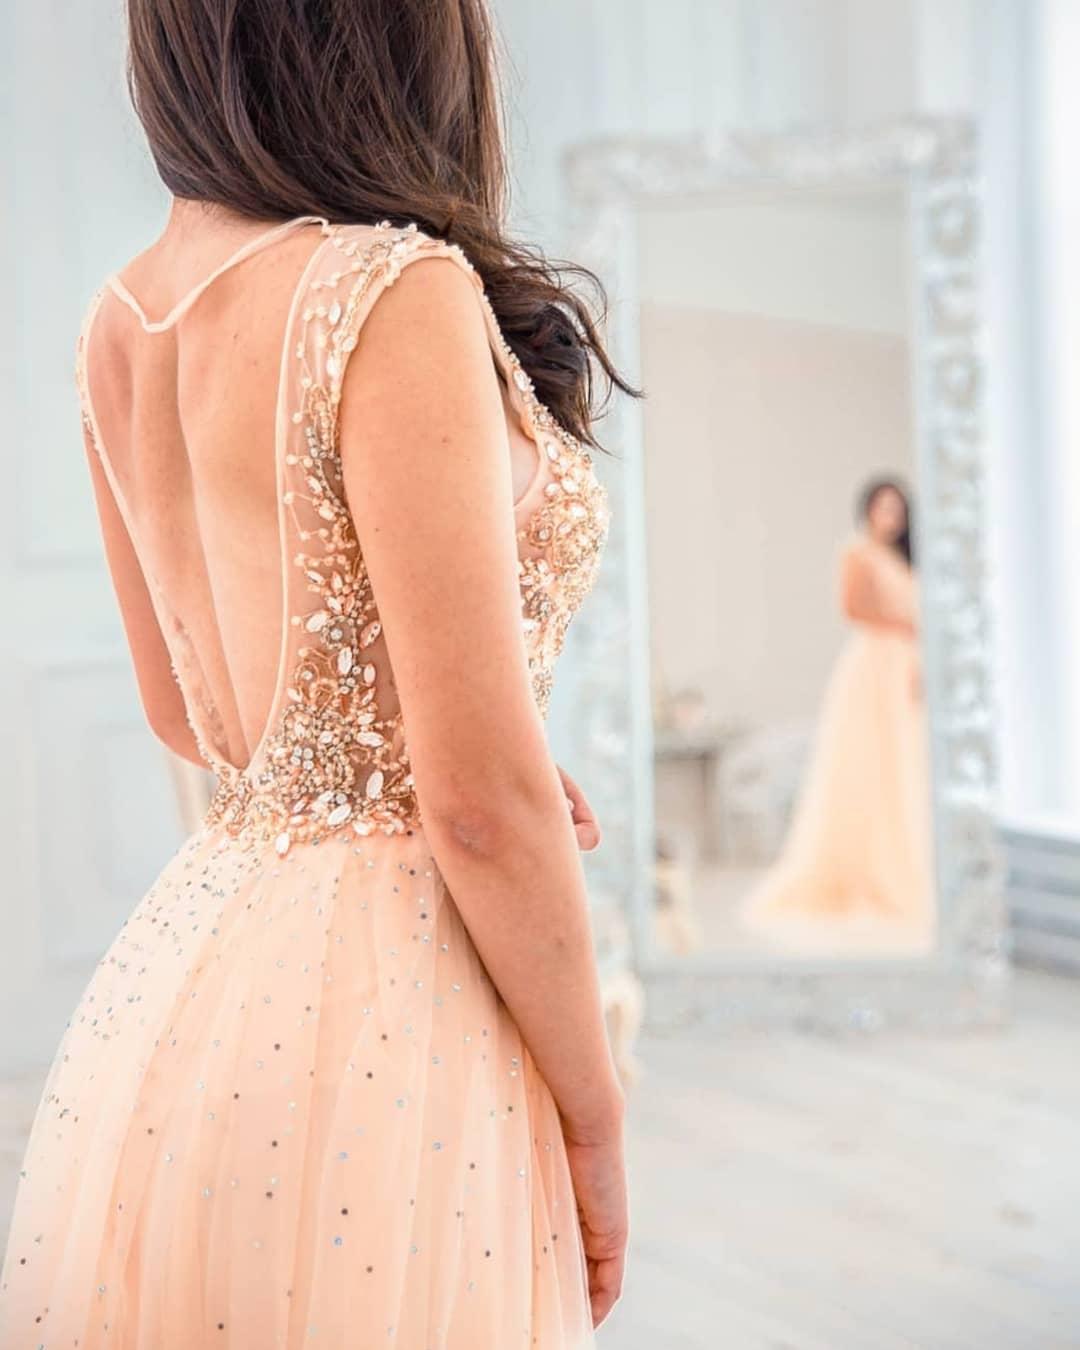 картинка Вечернее платье с бисером и стразами AV103090 интернет бутик Avolet.ru